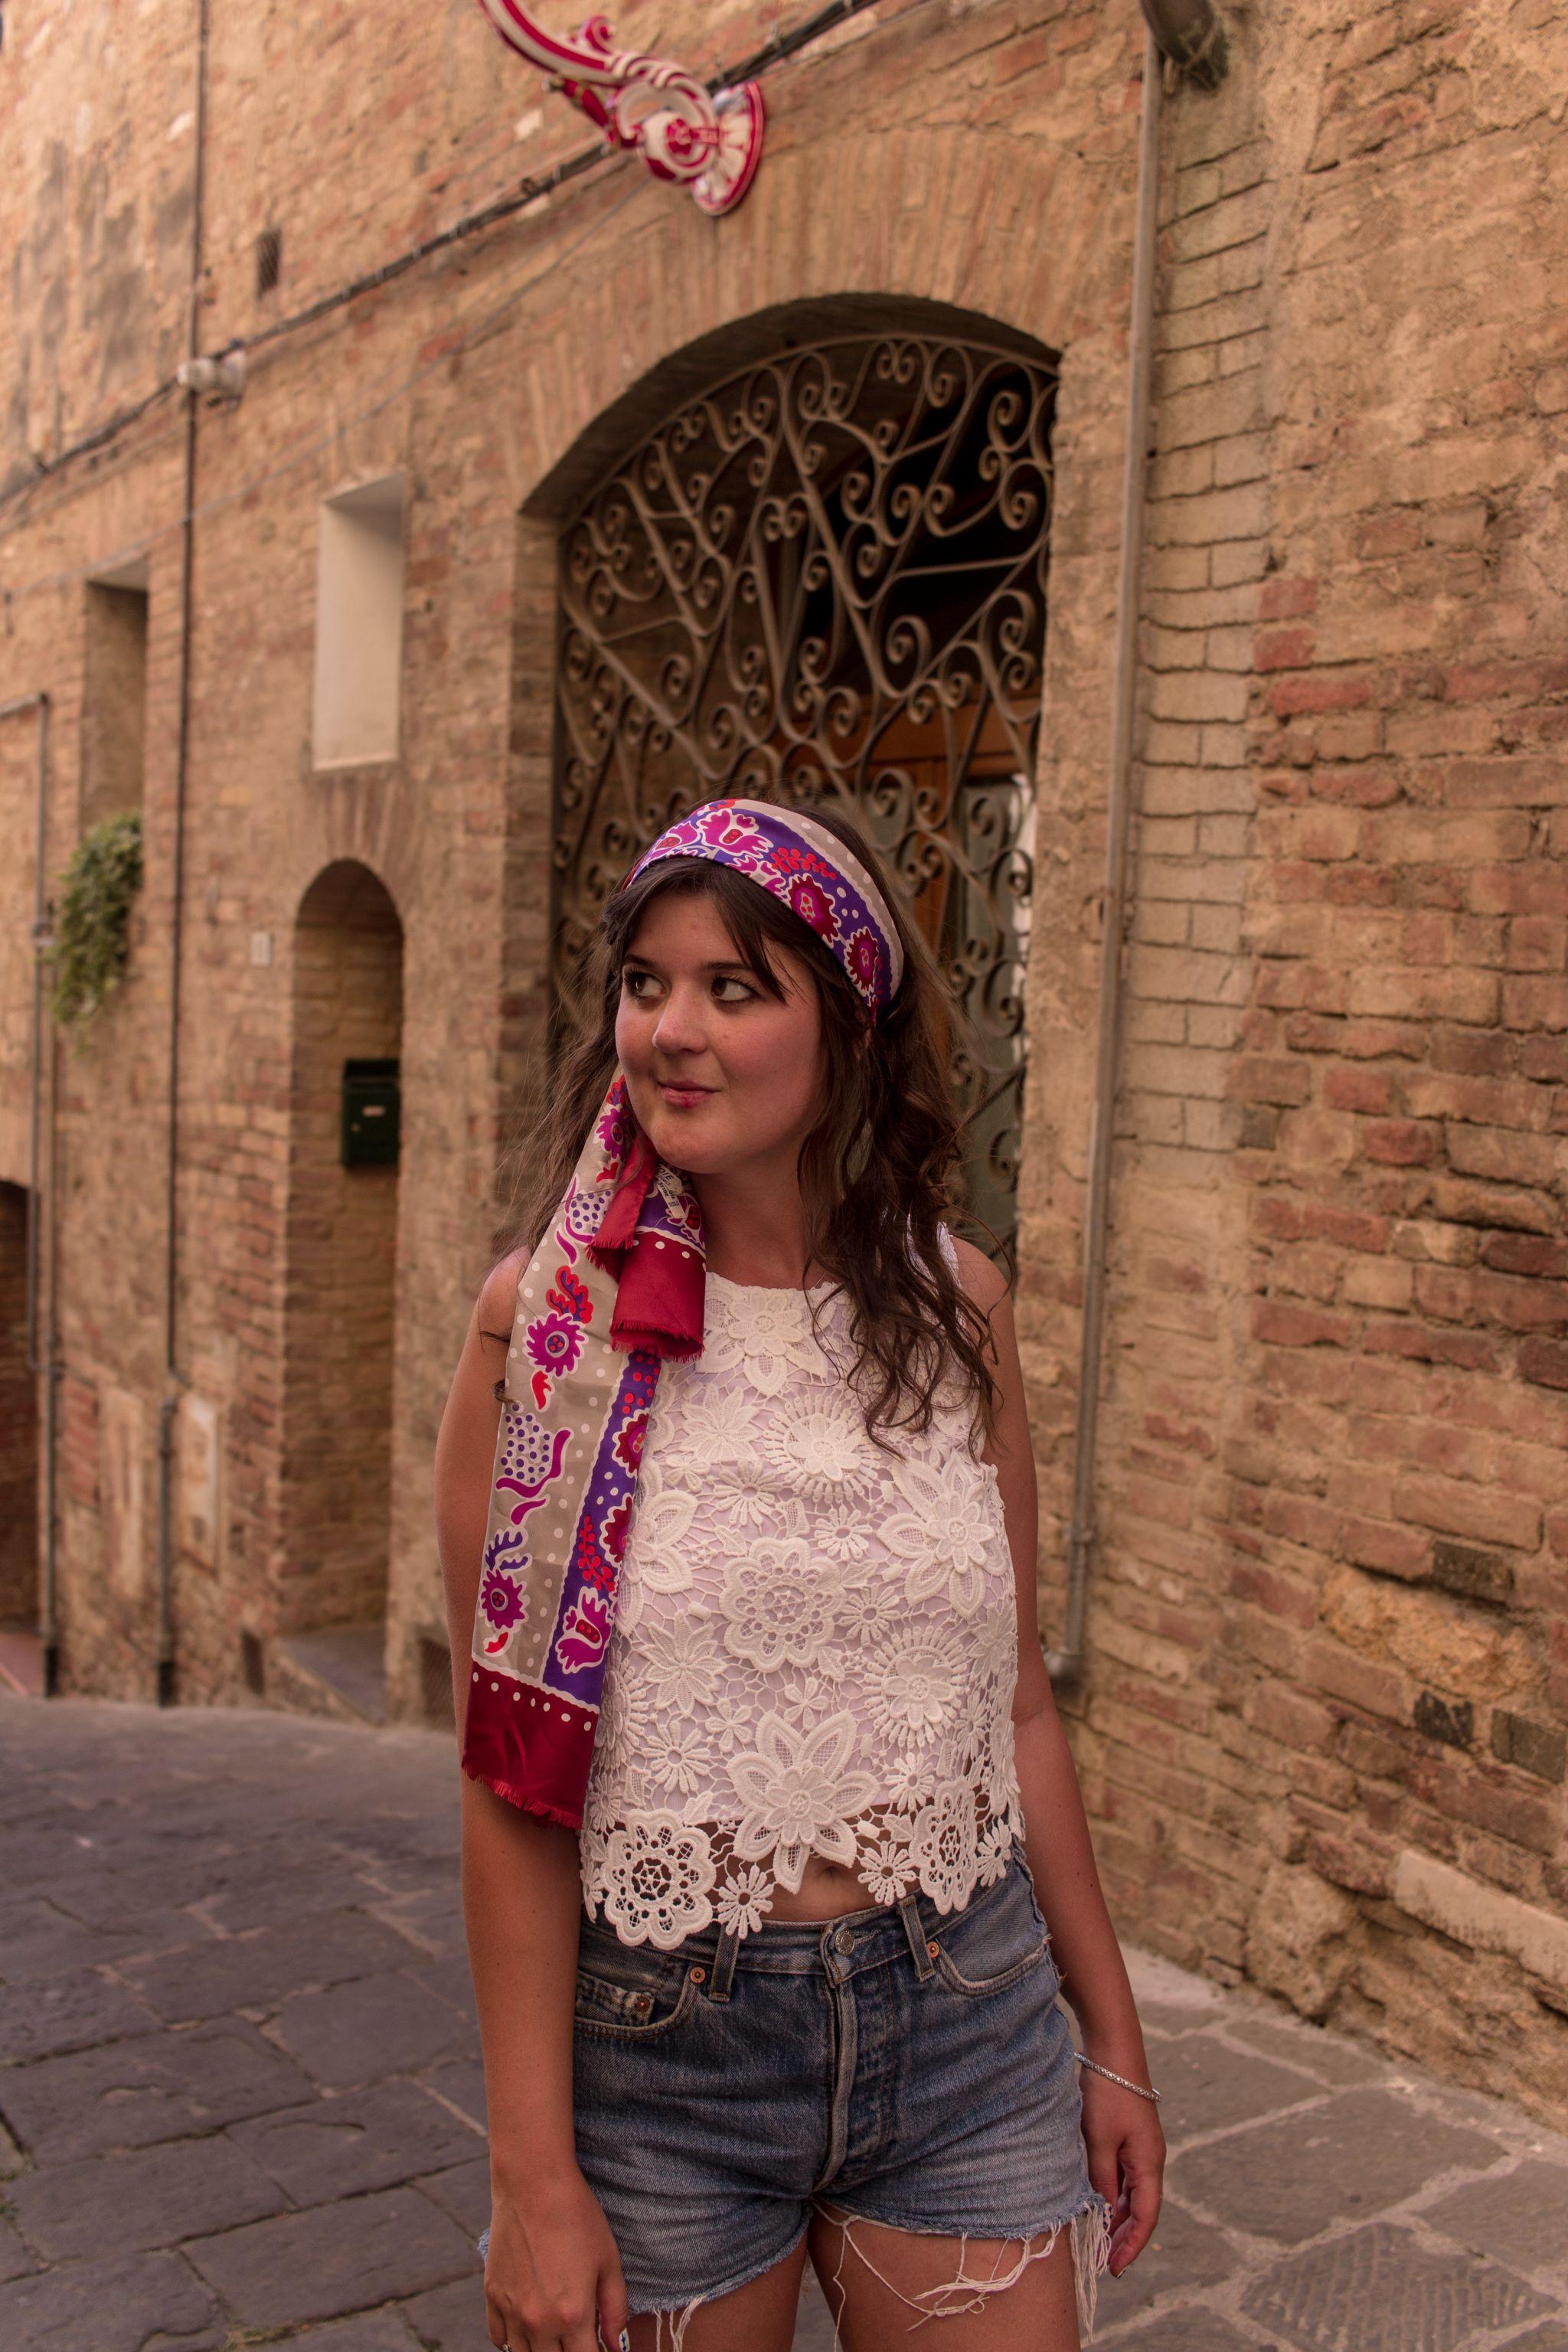 trendlistr-vintage-fashion-givenchy-scarf